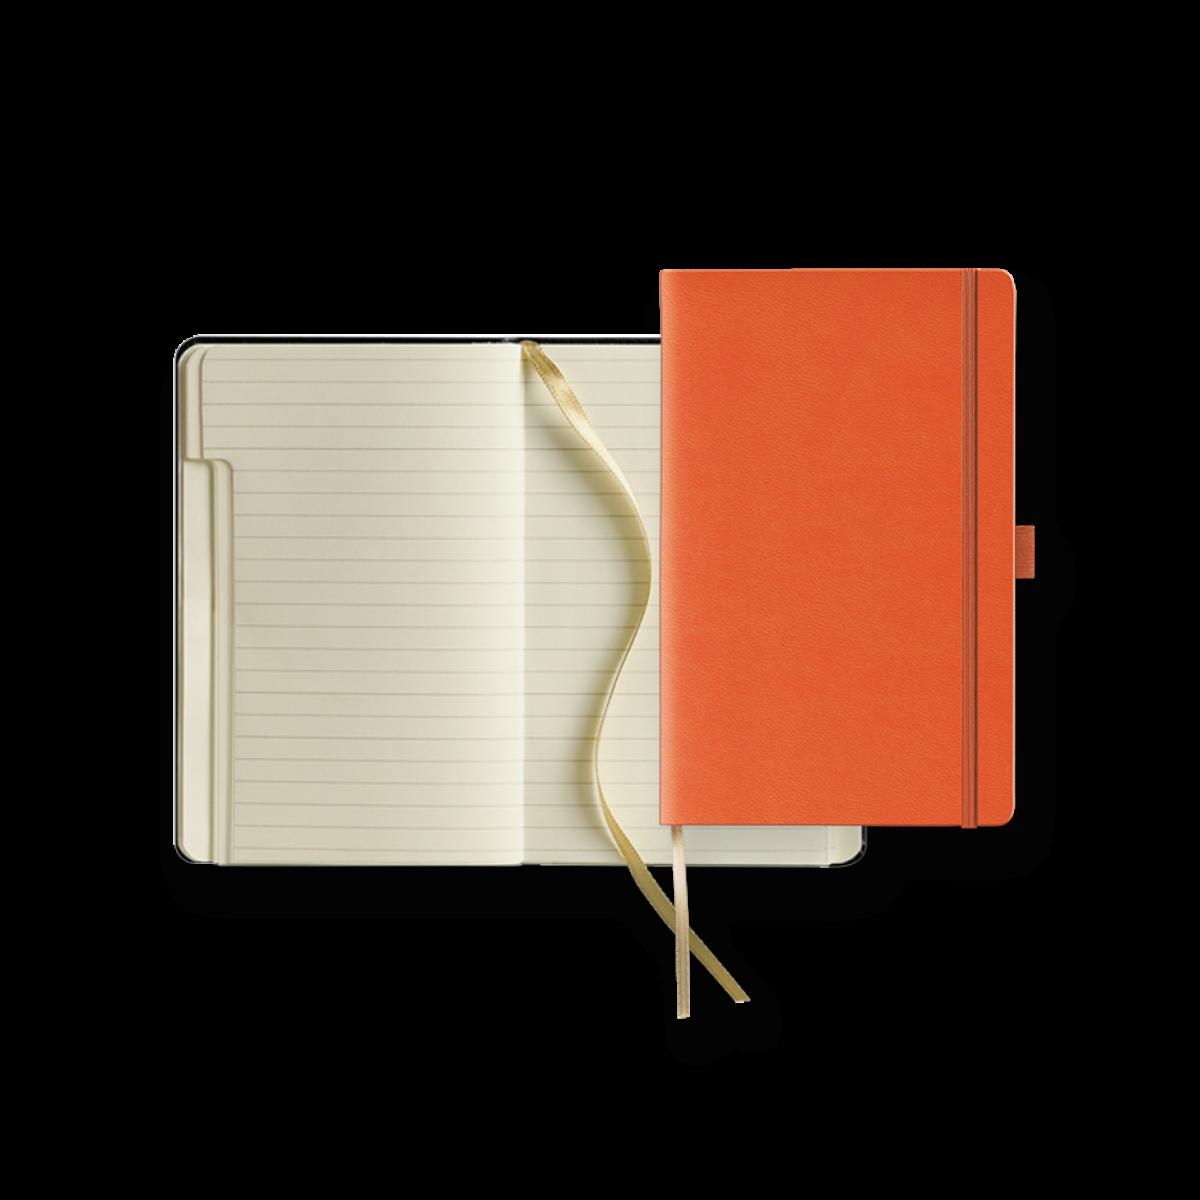 Notizbuch Modell Ivory Notebook Registry